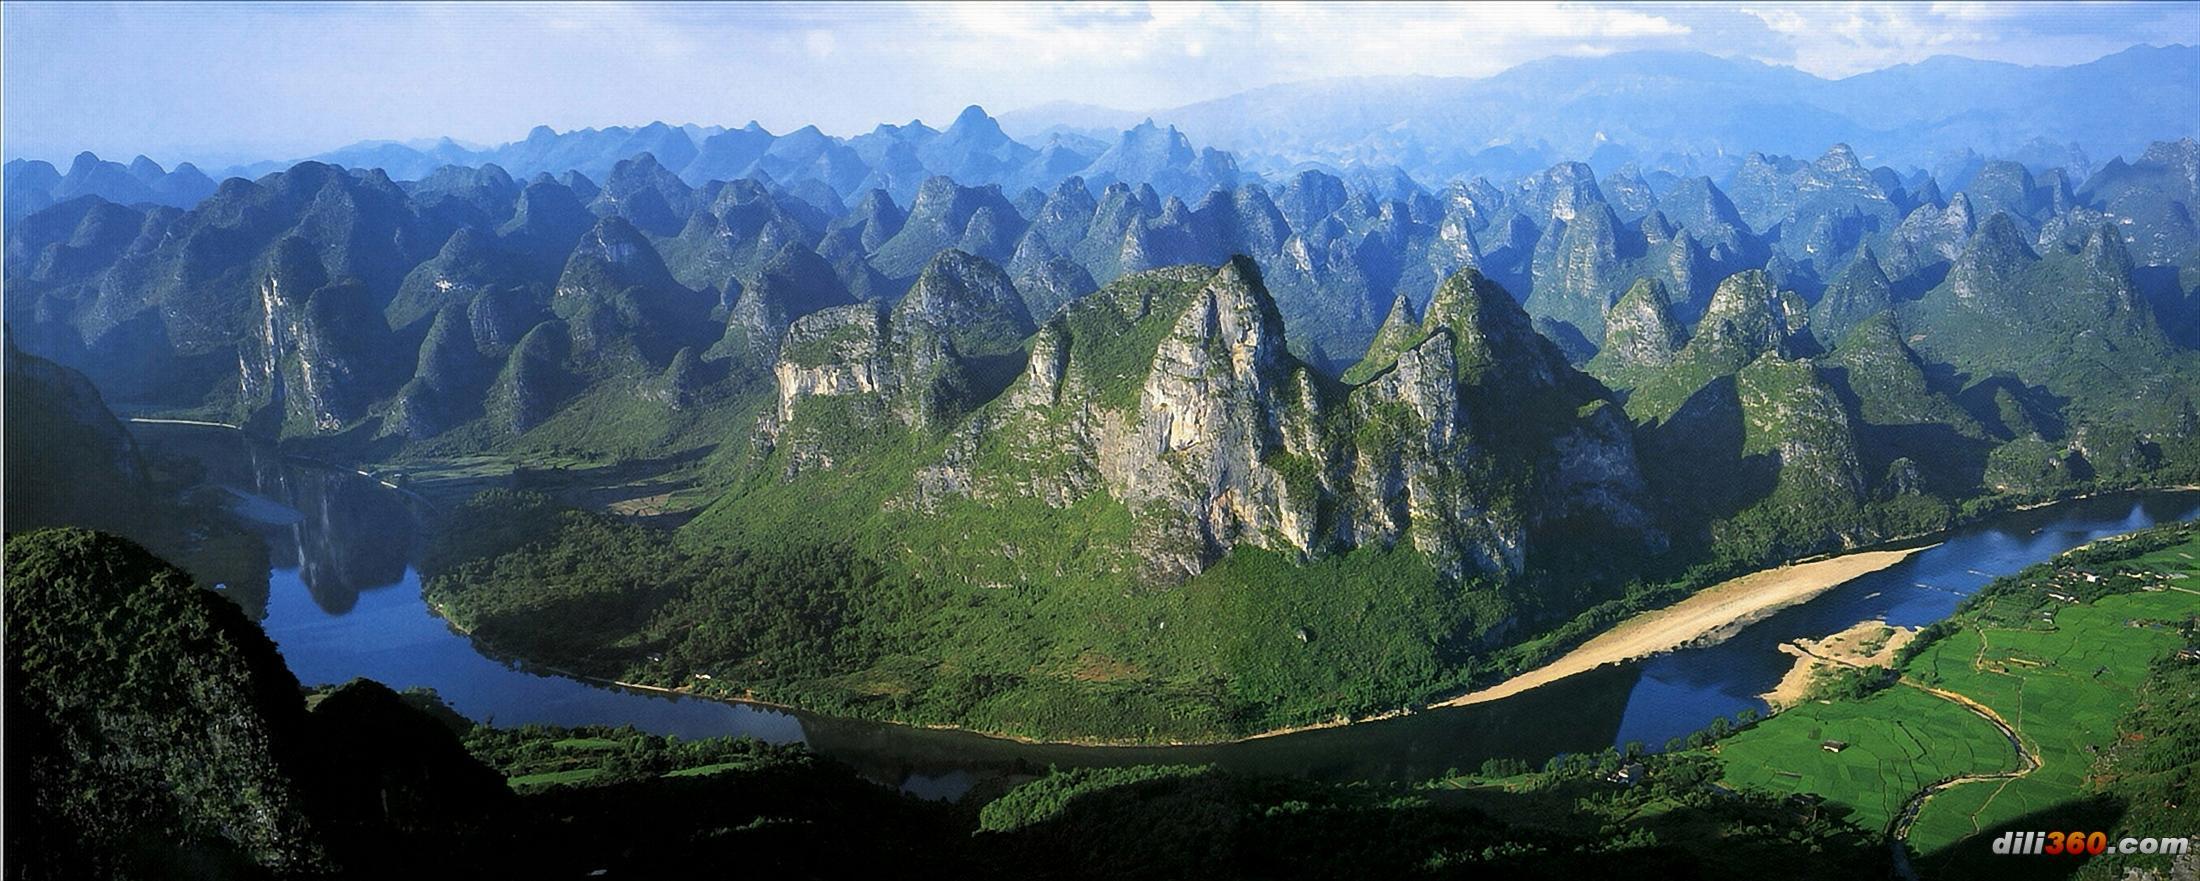 广西桂北喀斯特地貌----高清漓江宽屏图片